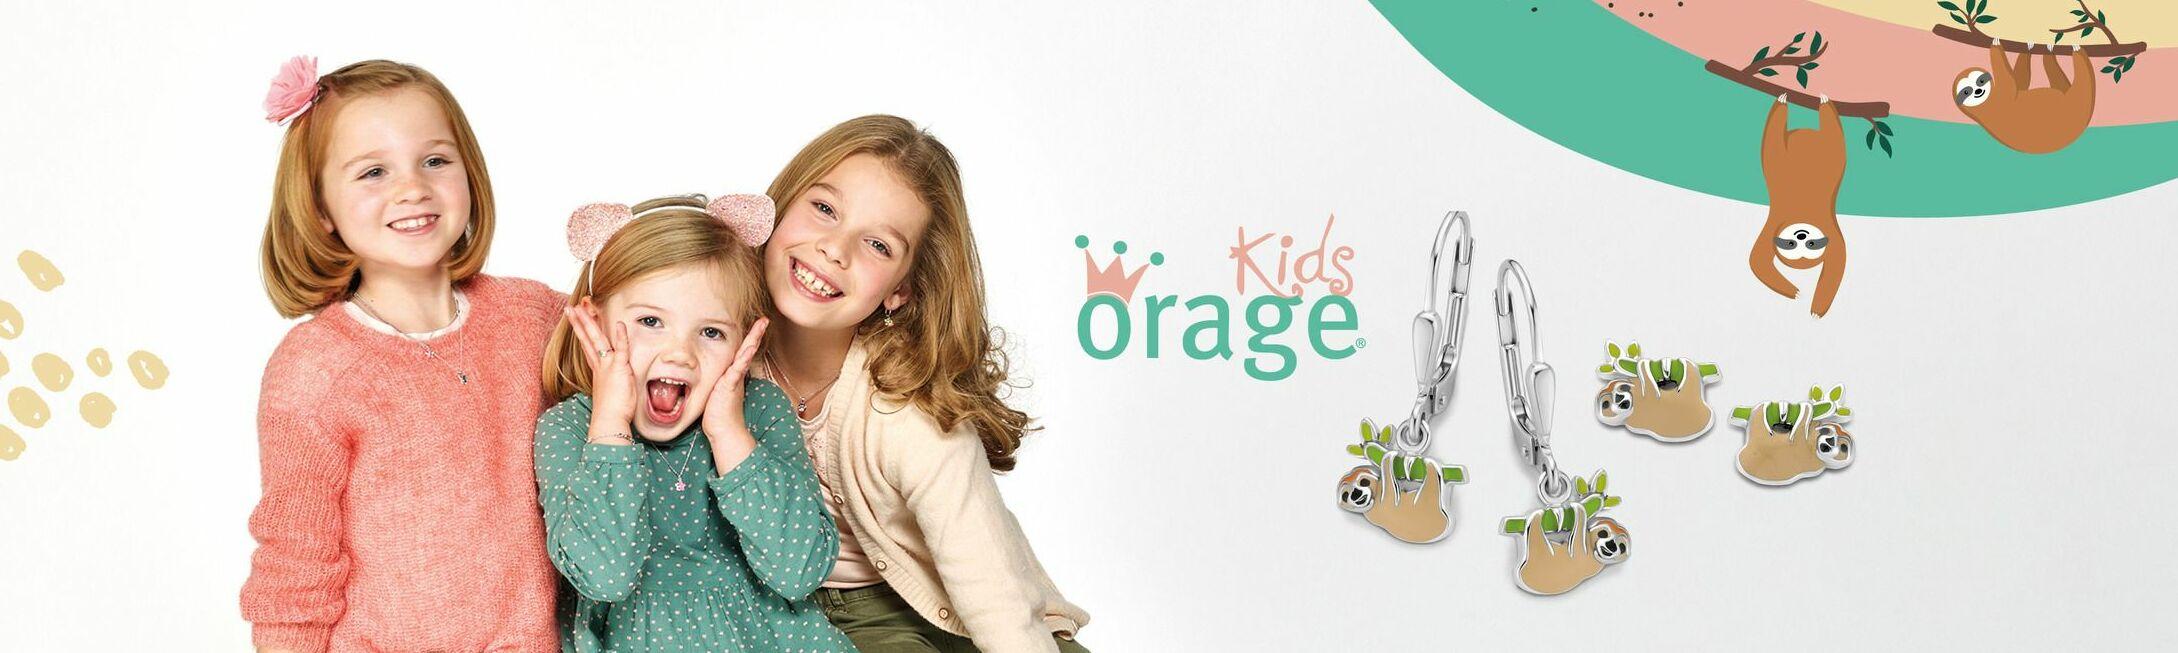 Orage Kids Eversen